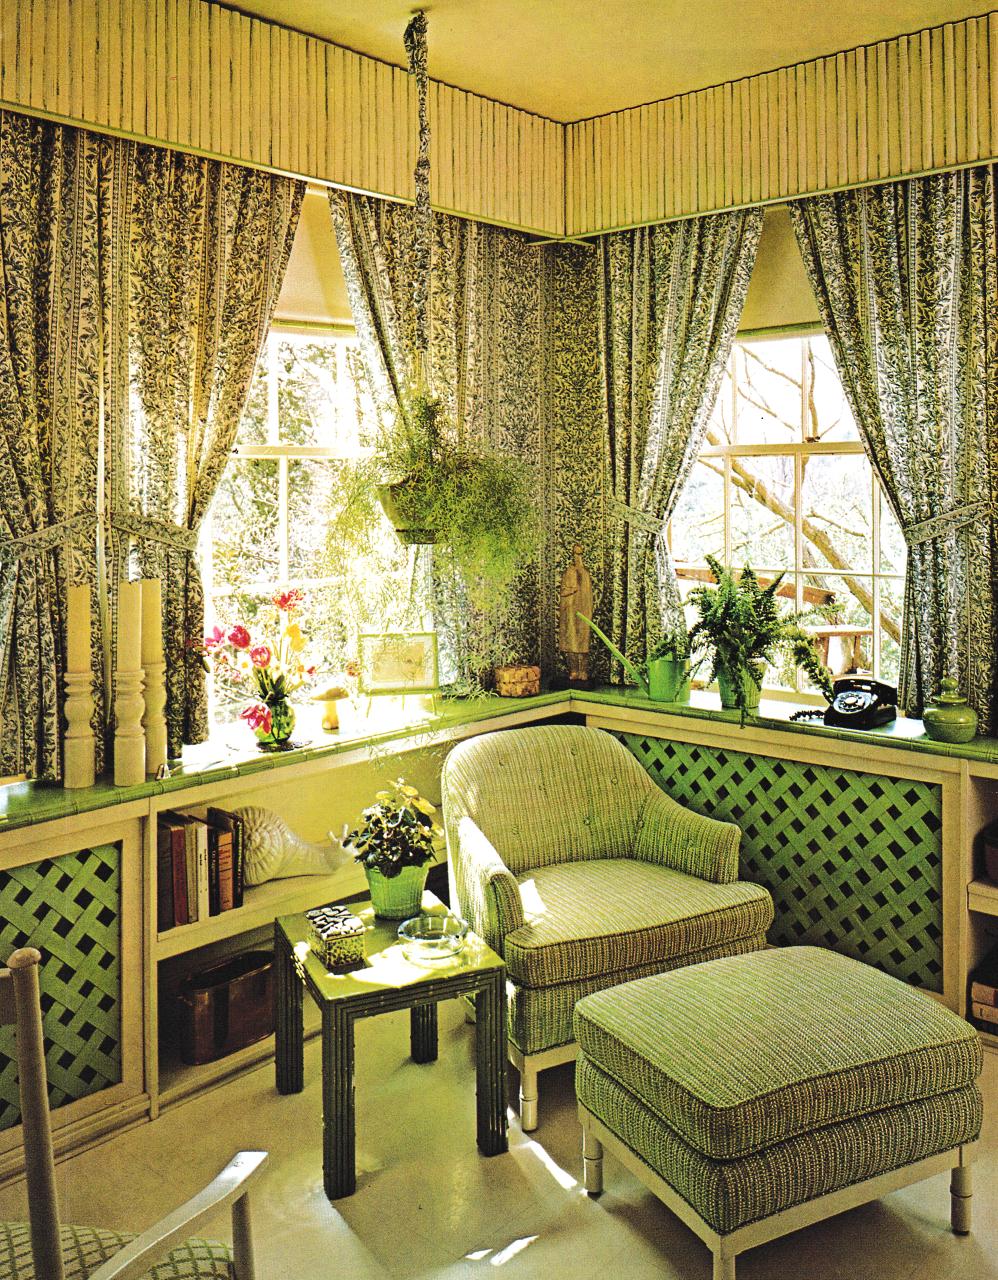 1974 Garden Theme Living Room Home Decor Vintage Home Decor 1970 S Home Decor